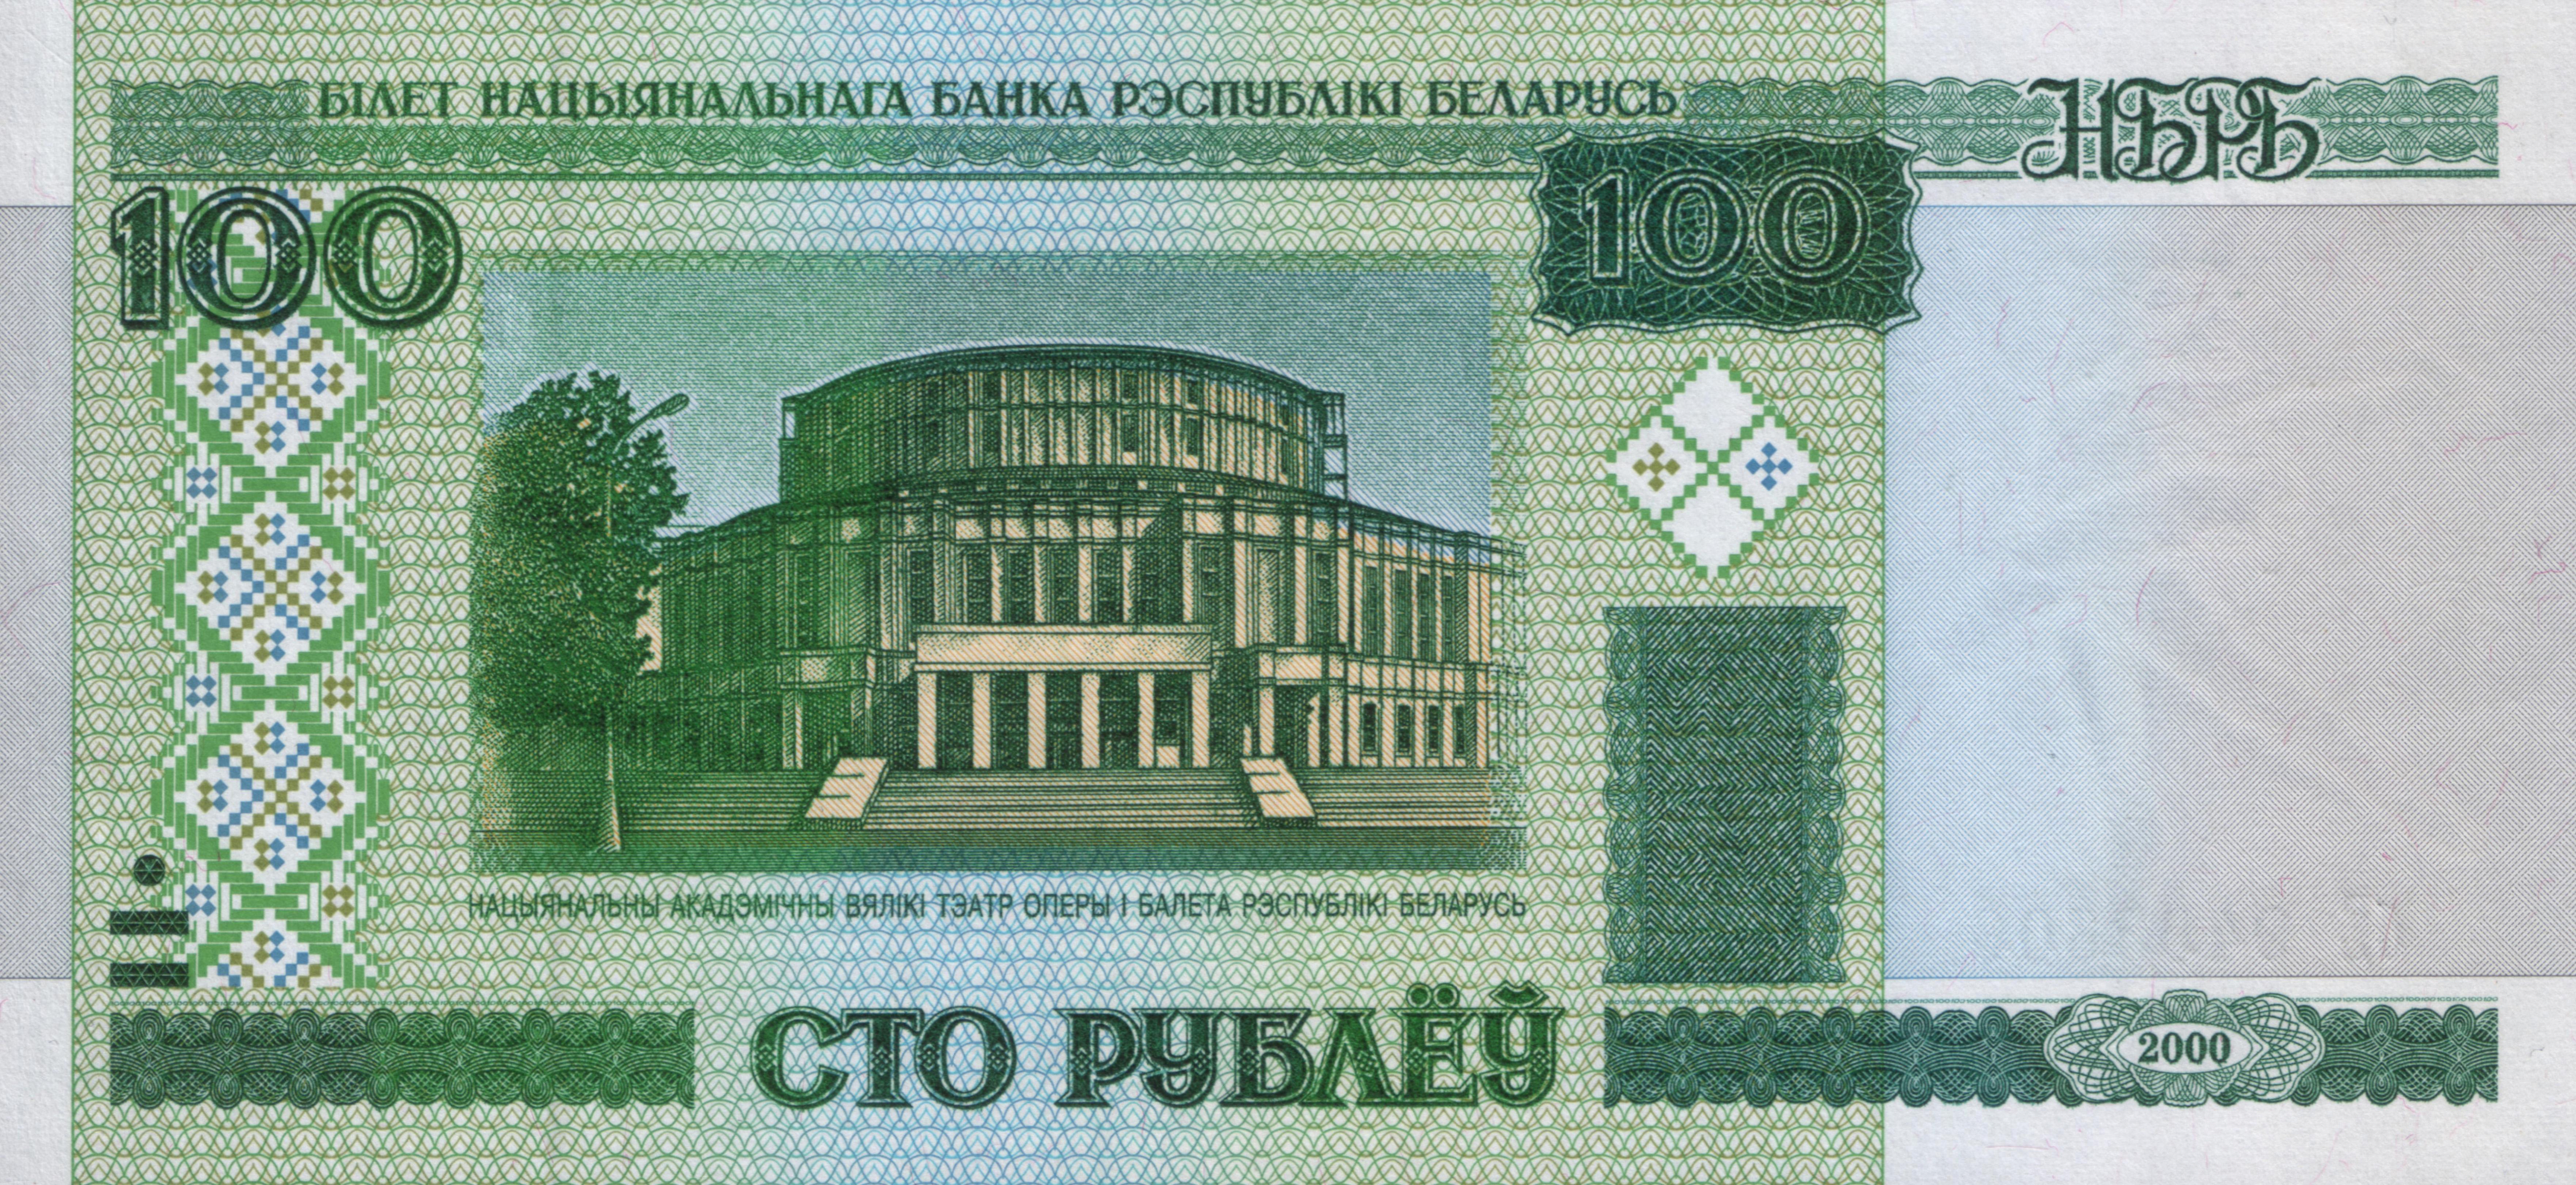 Description 100 rubles belarus 2000 f